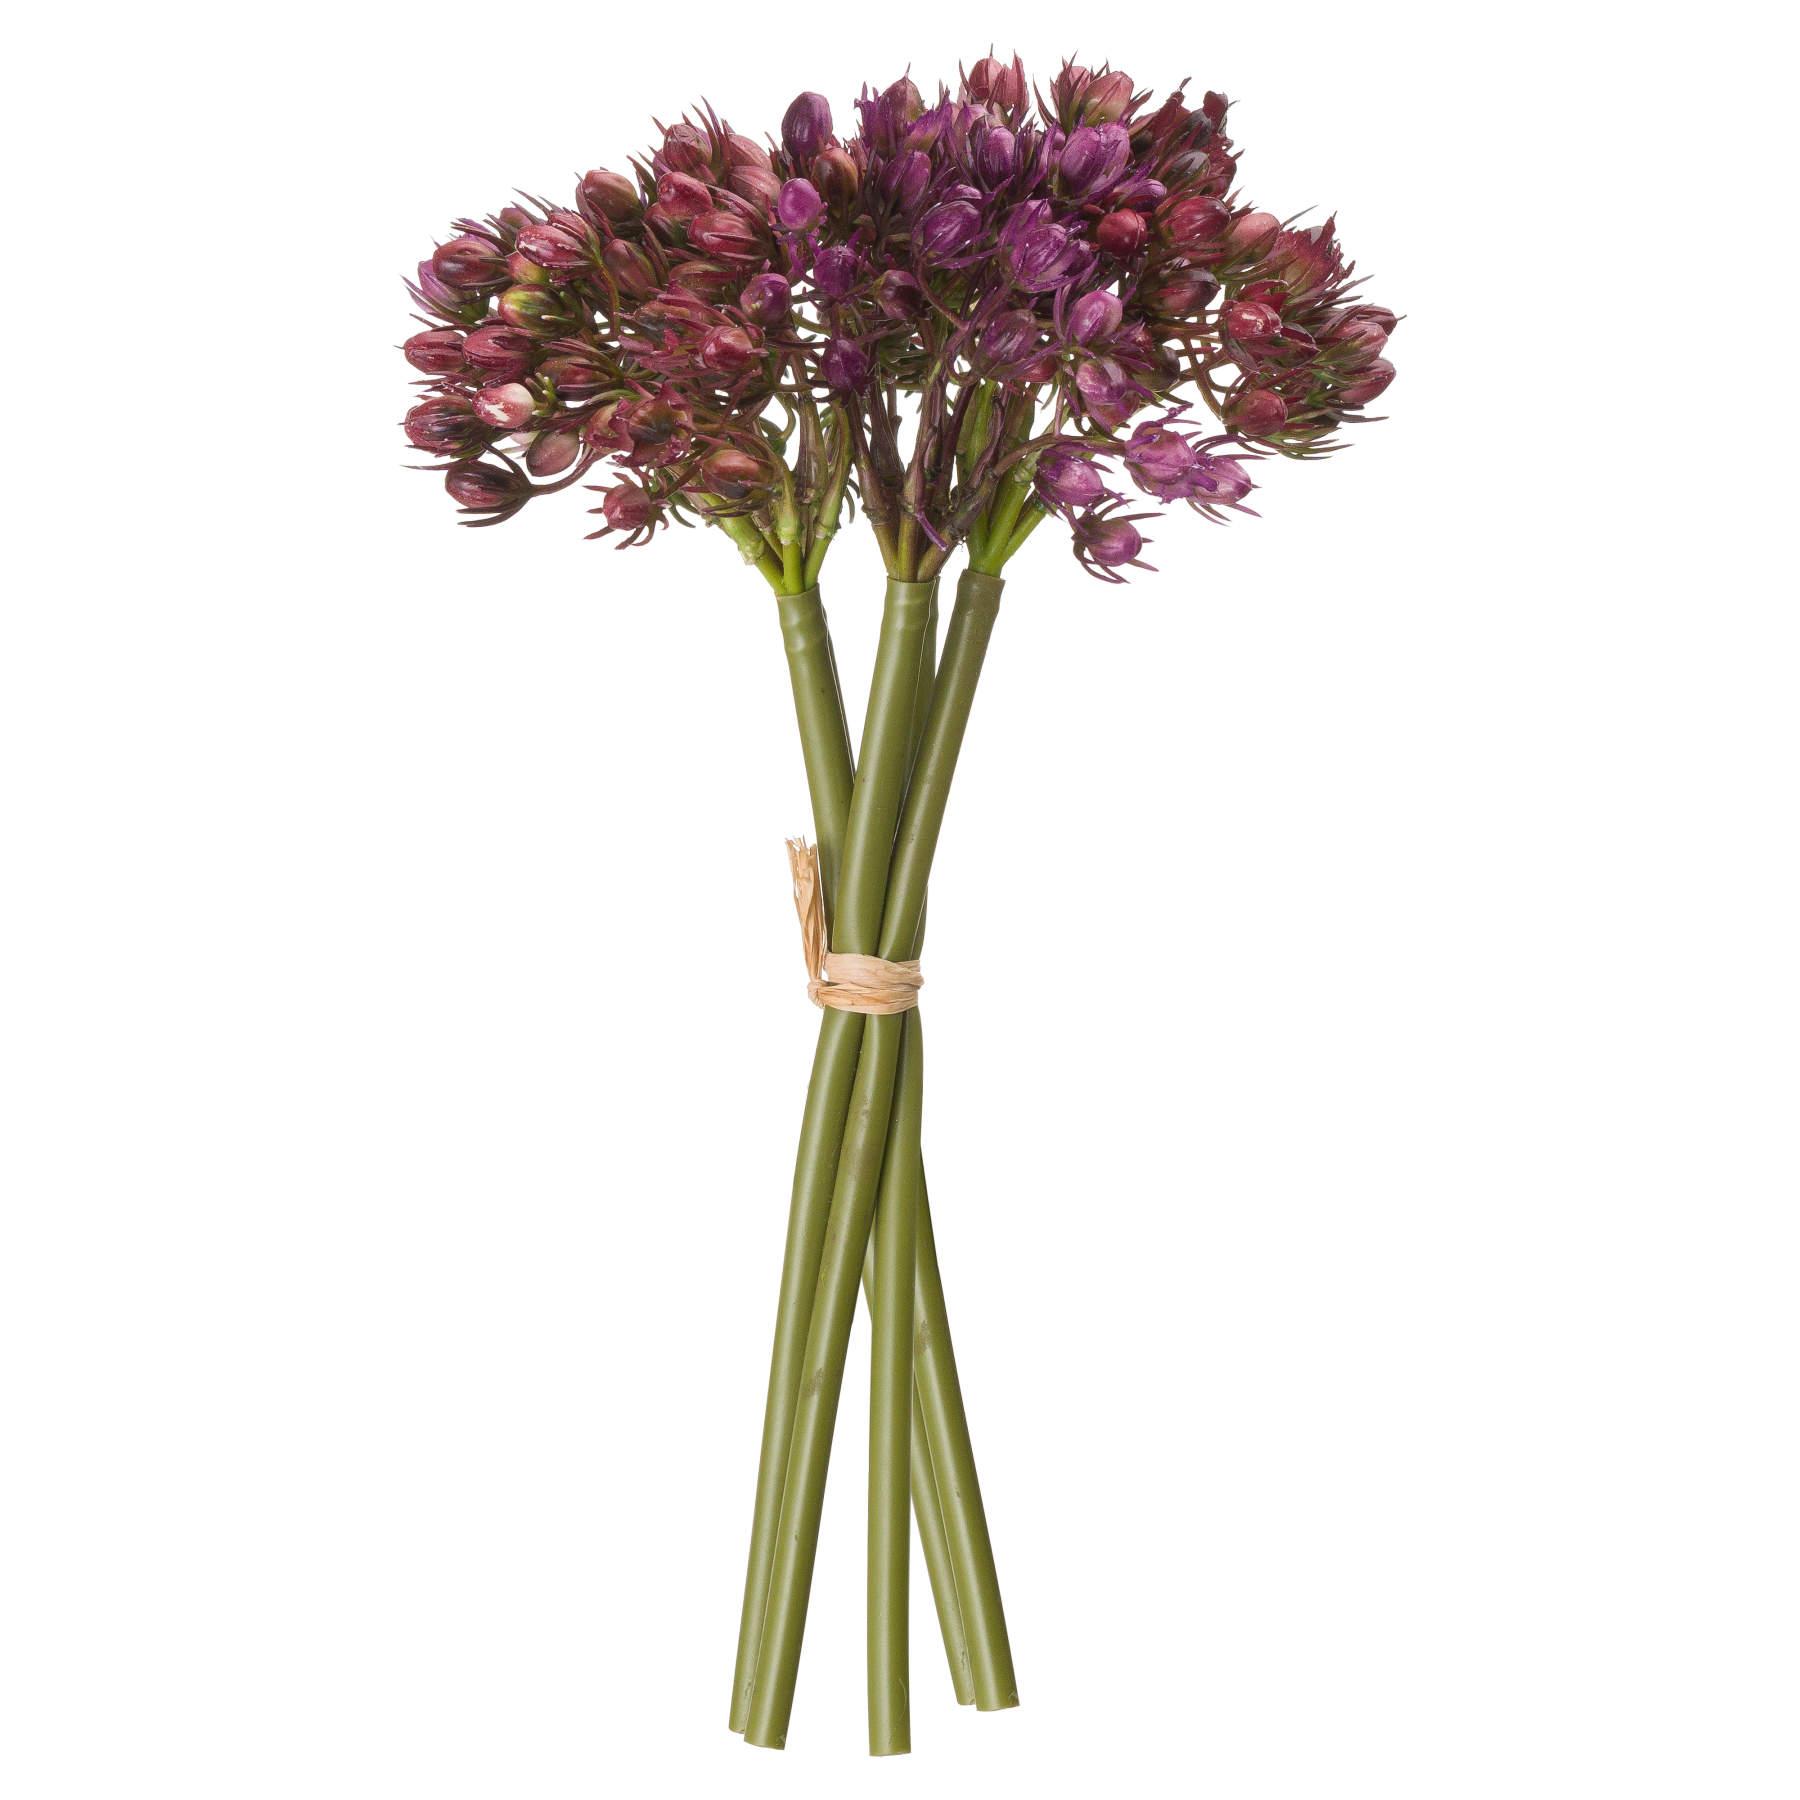 Berry Bouquet - Image 3